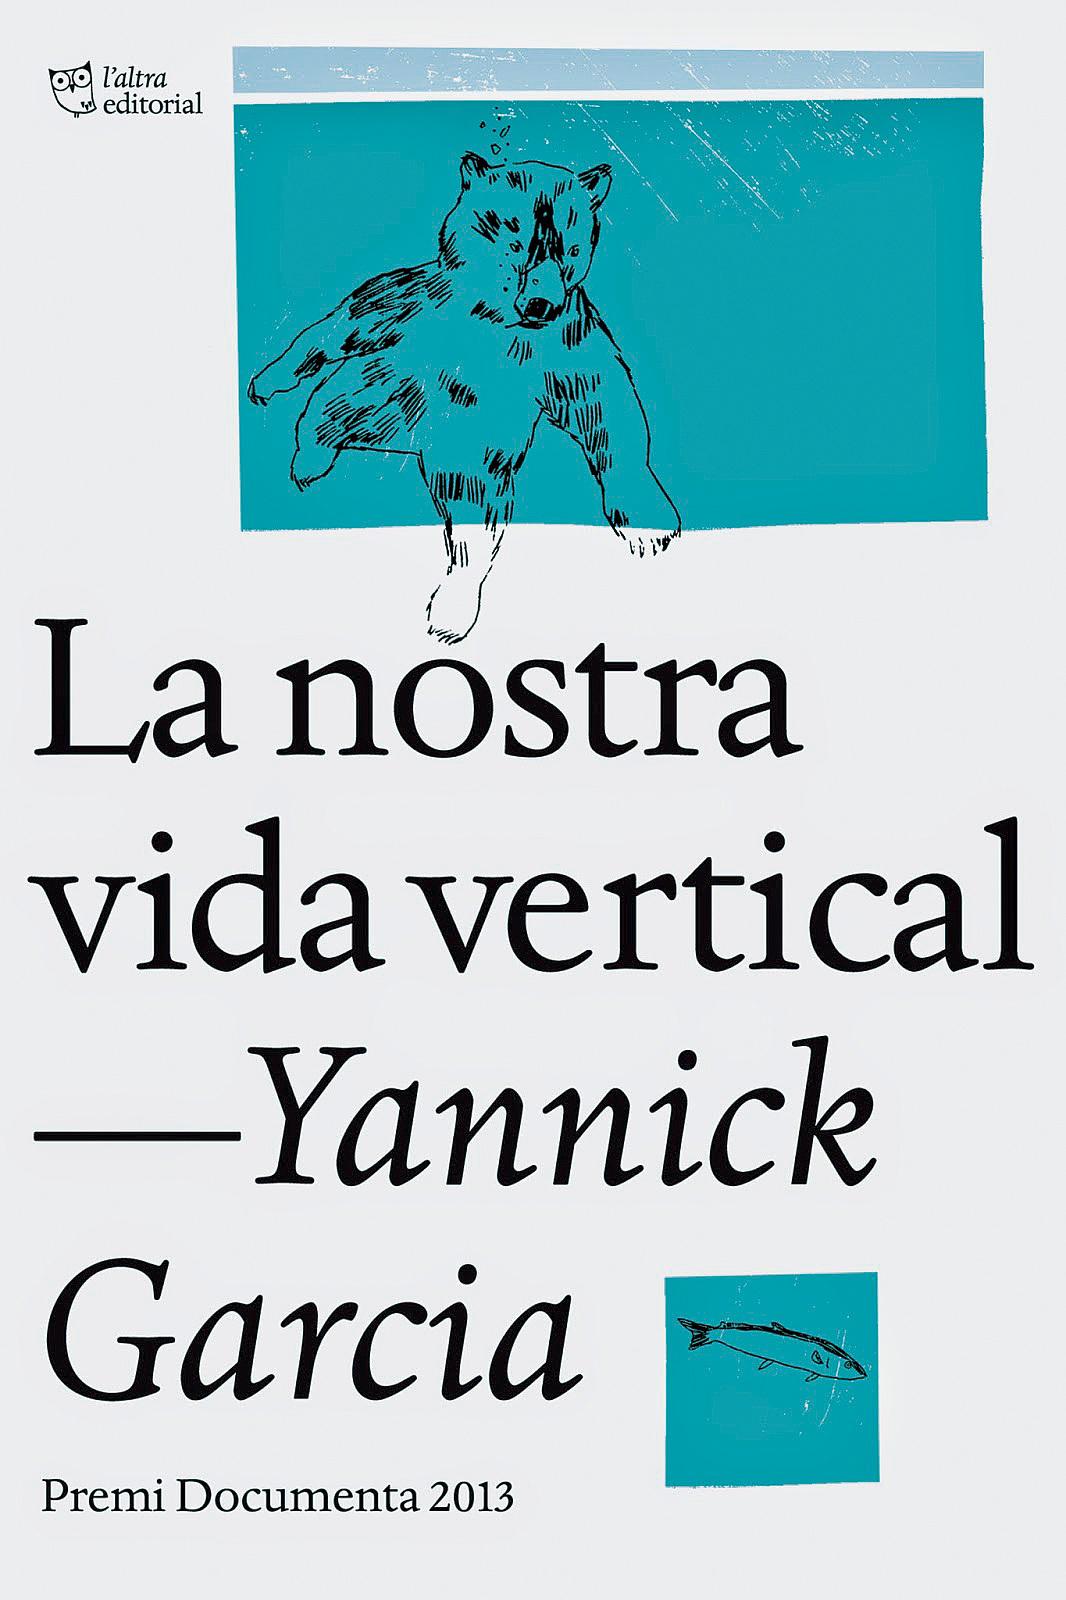 la nostra vida vertical